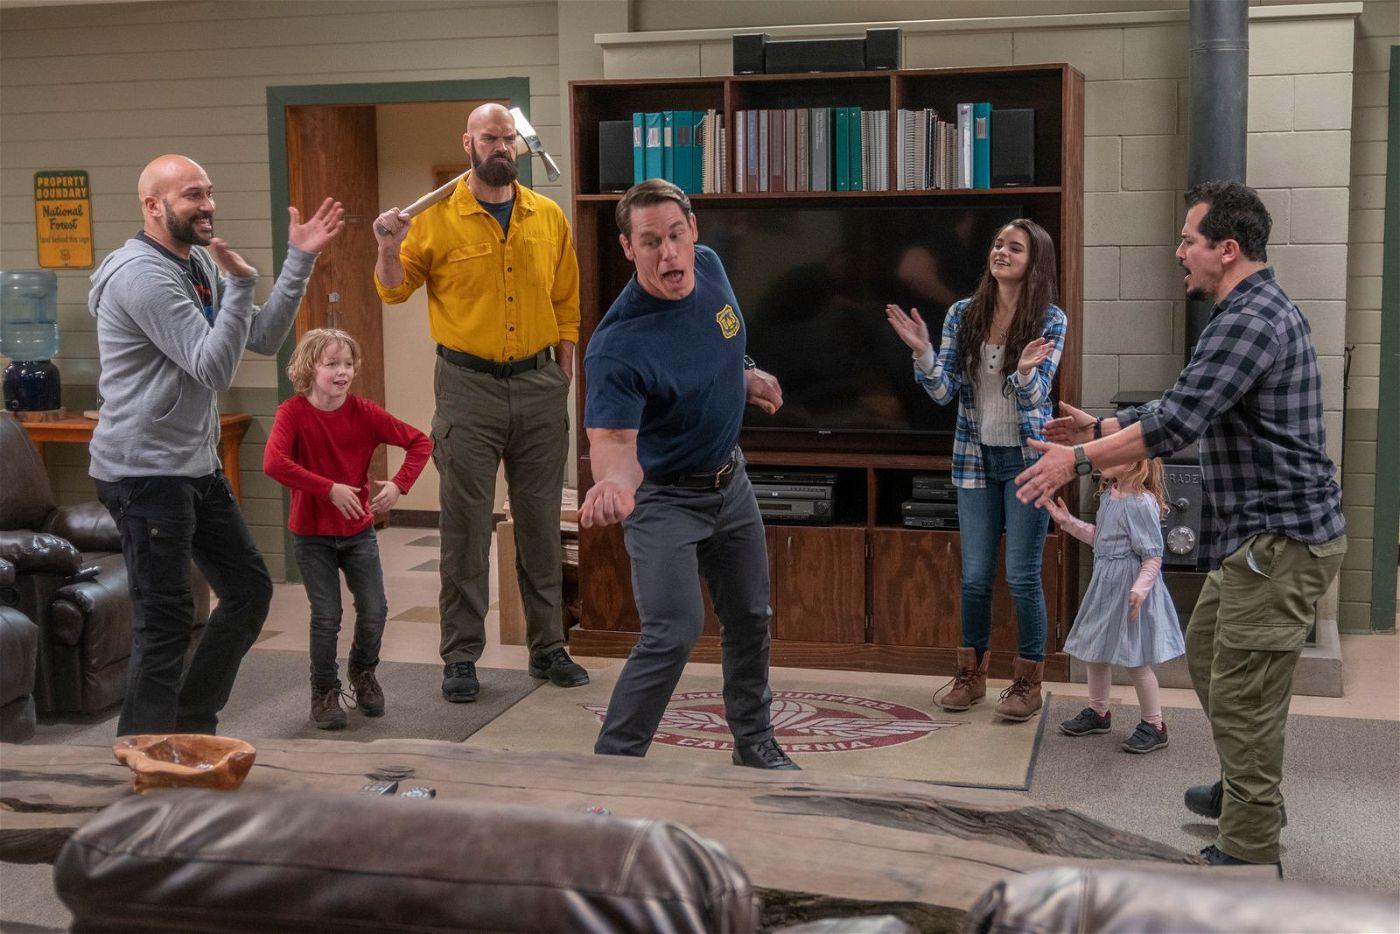 Die Kinder mischen die Feuerwache gehörig auf. Von links: Mark (Keegan-Michael Key), Will (Christian Convery), Axe (Tyler Mane), Jake (John Cena), Brynn (Brianna Hildebrand), Zoey (Finley Rose Slater) und Rodrigo (John Leguizamo).